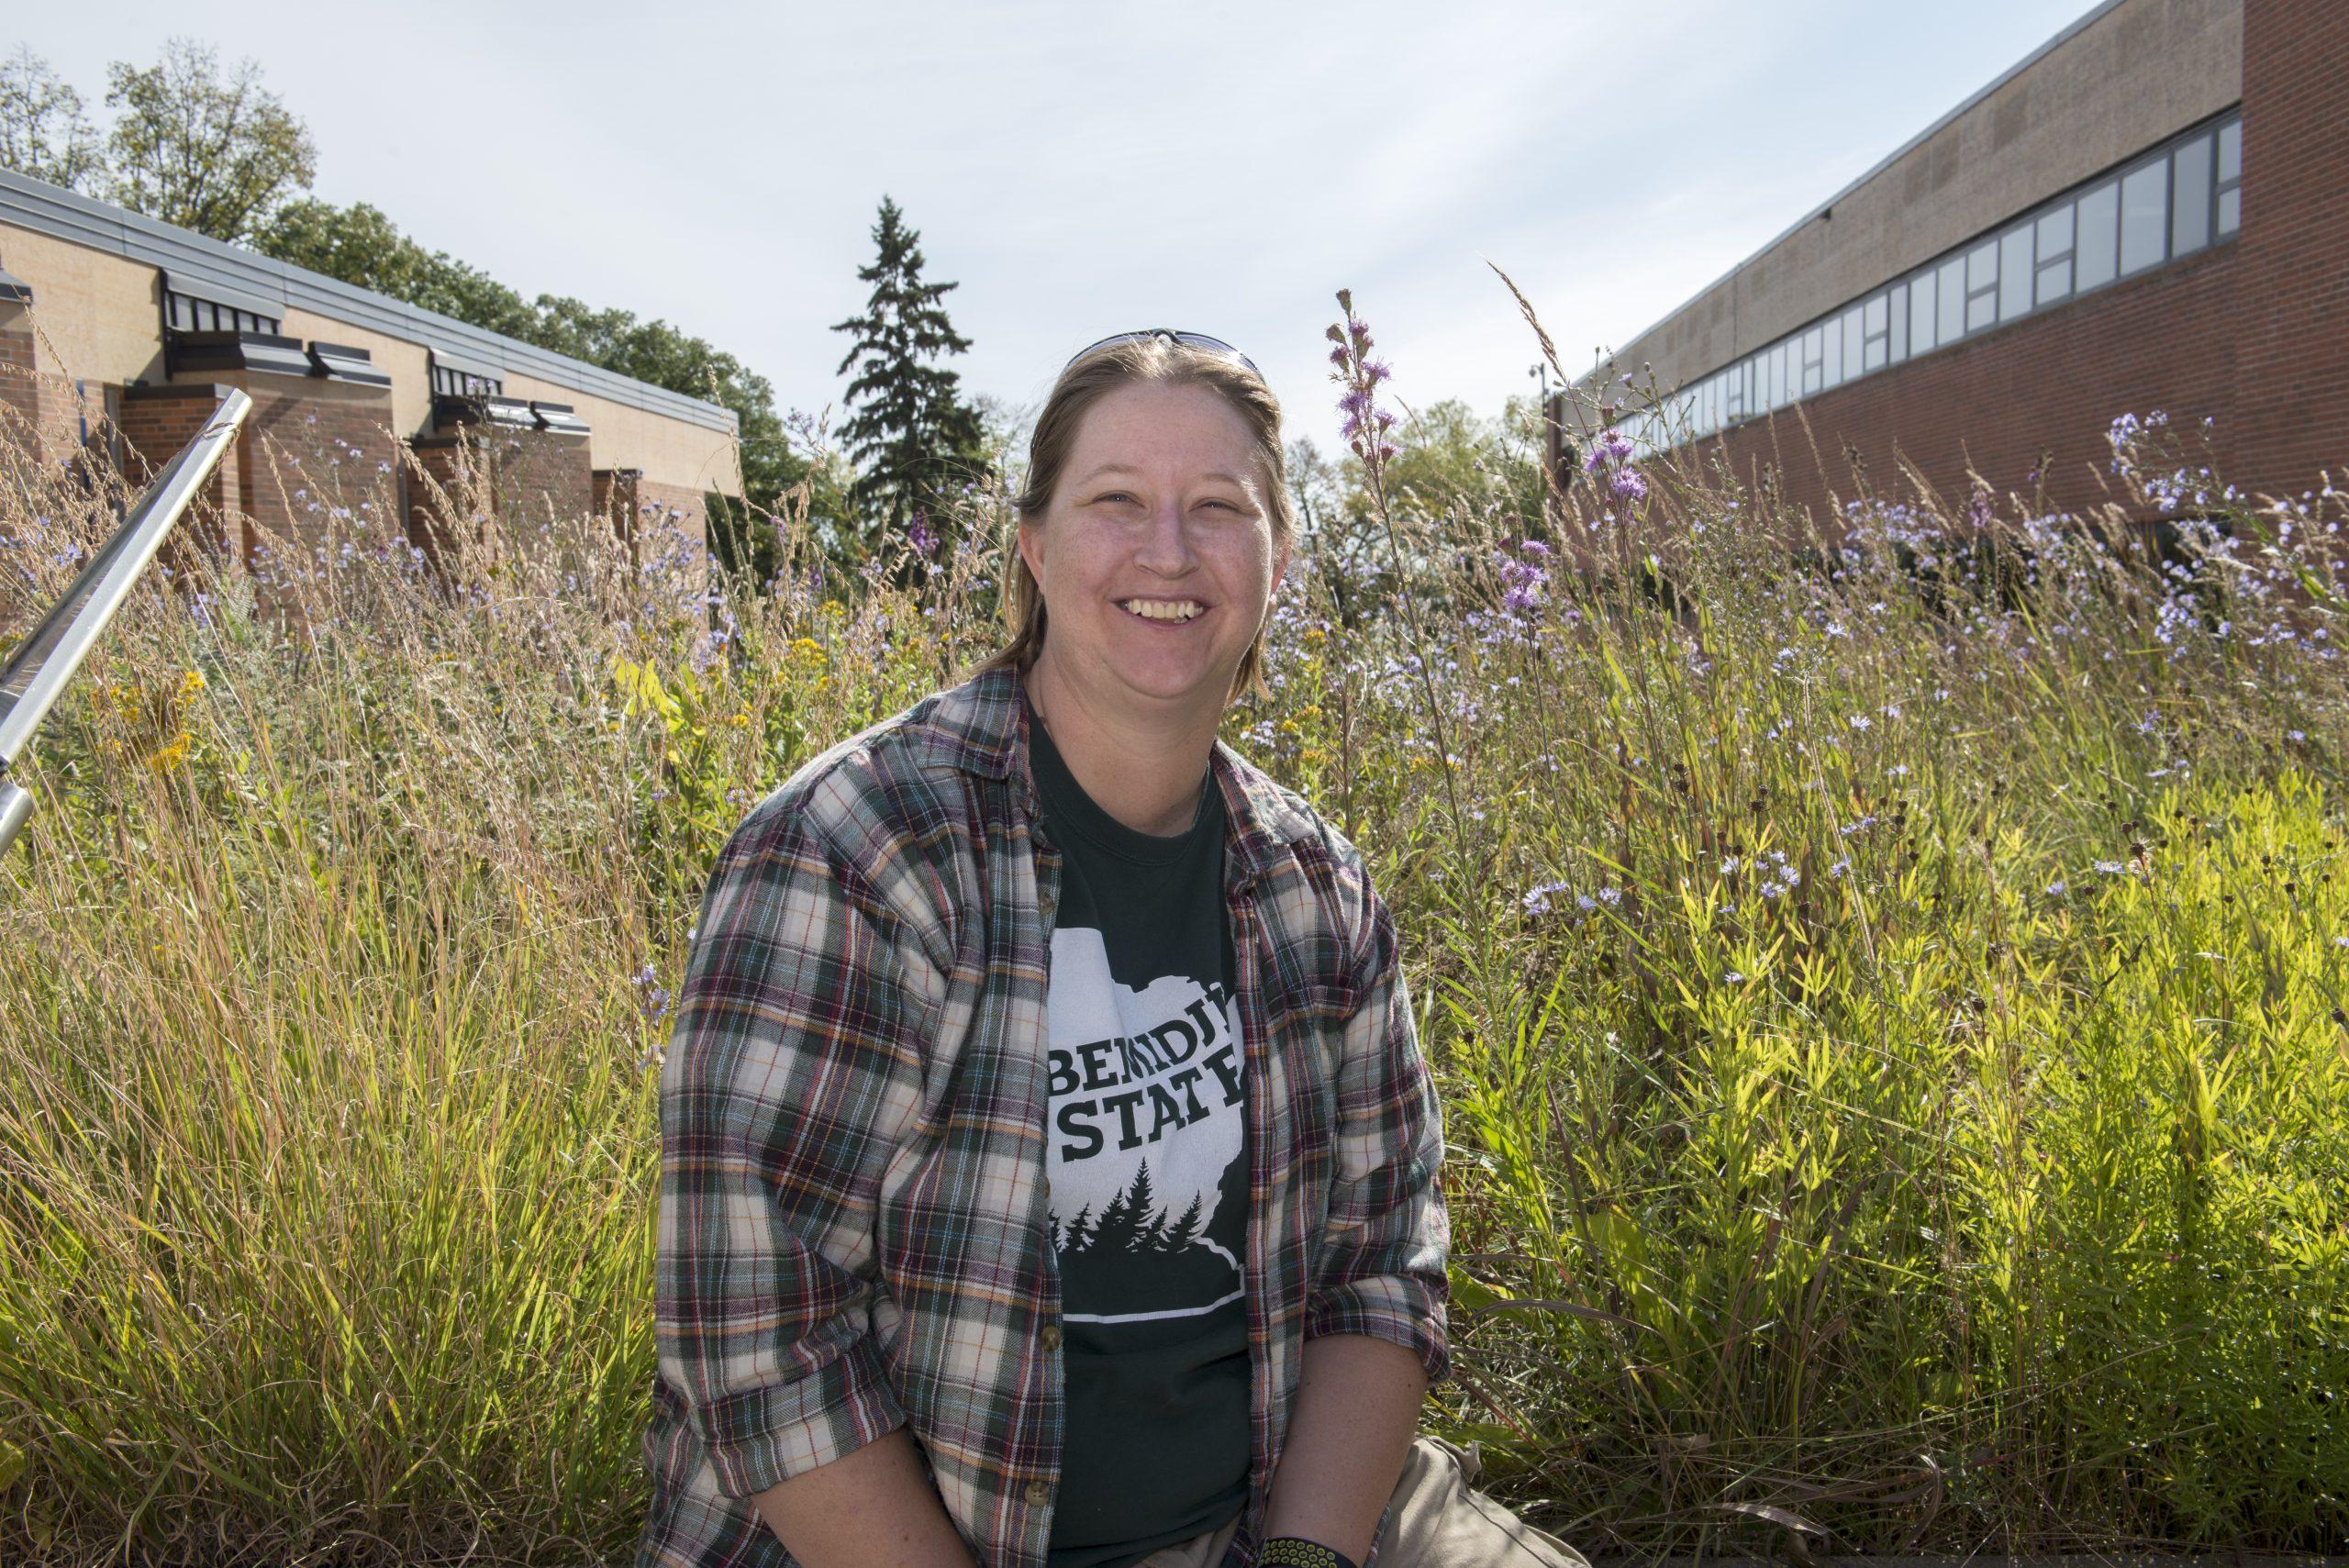 Rachel Schapp standing in front of the BSU butterfly garden